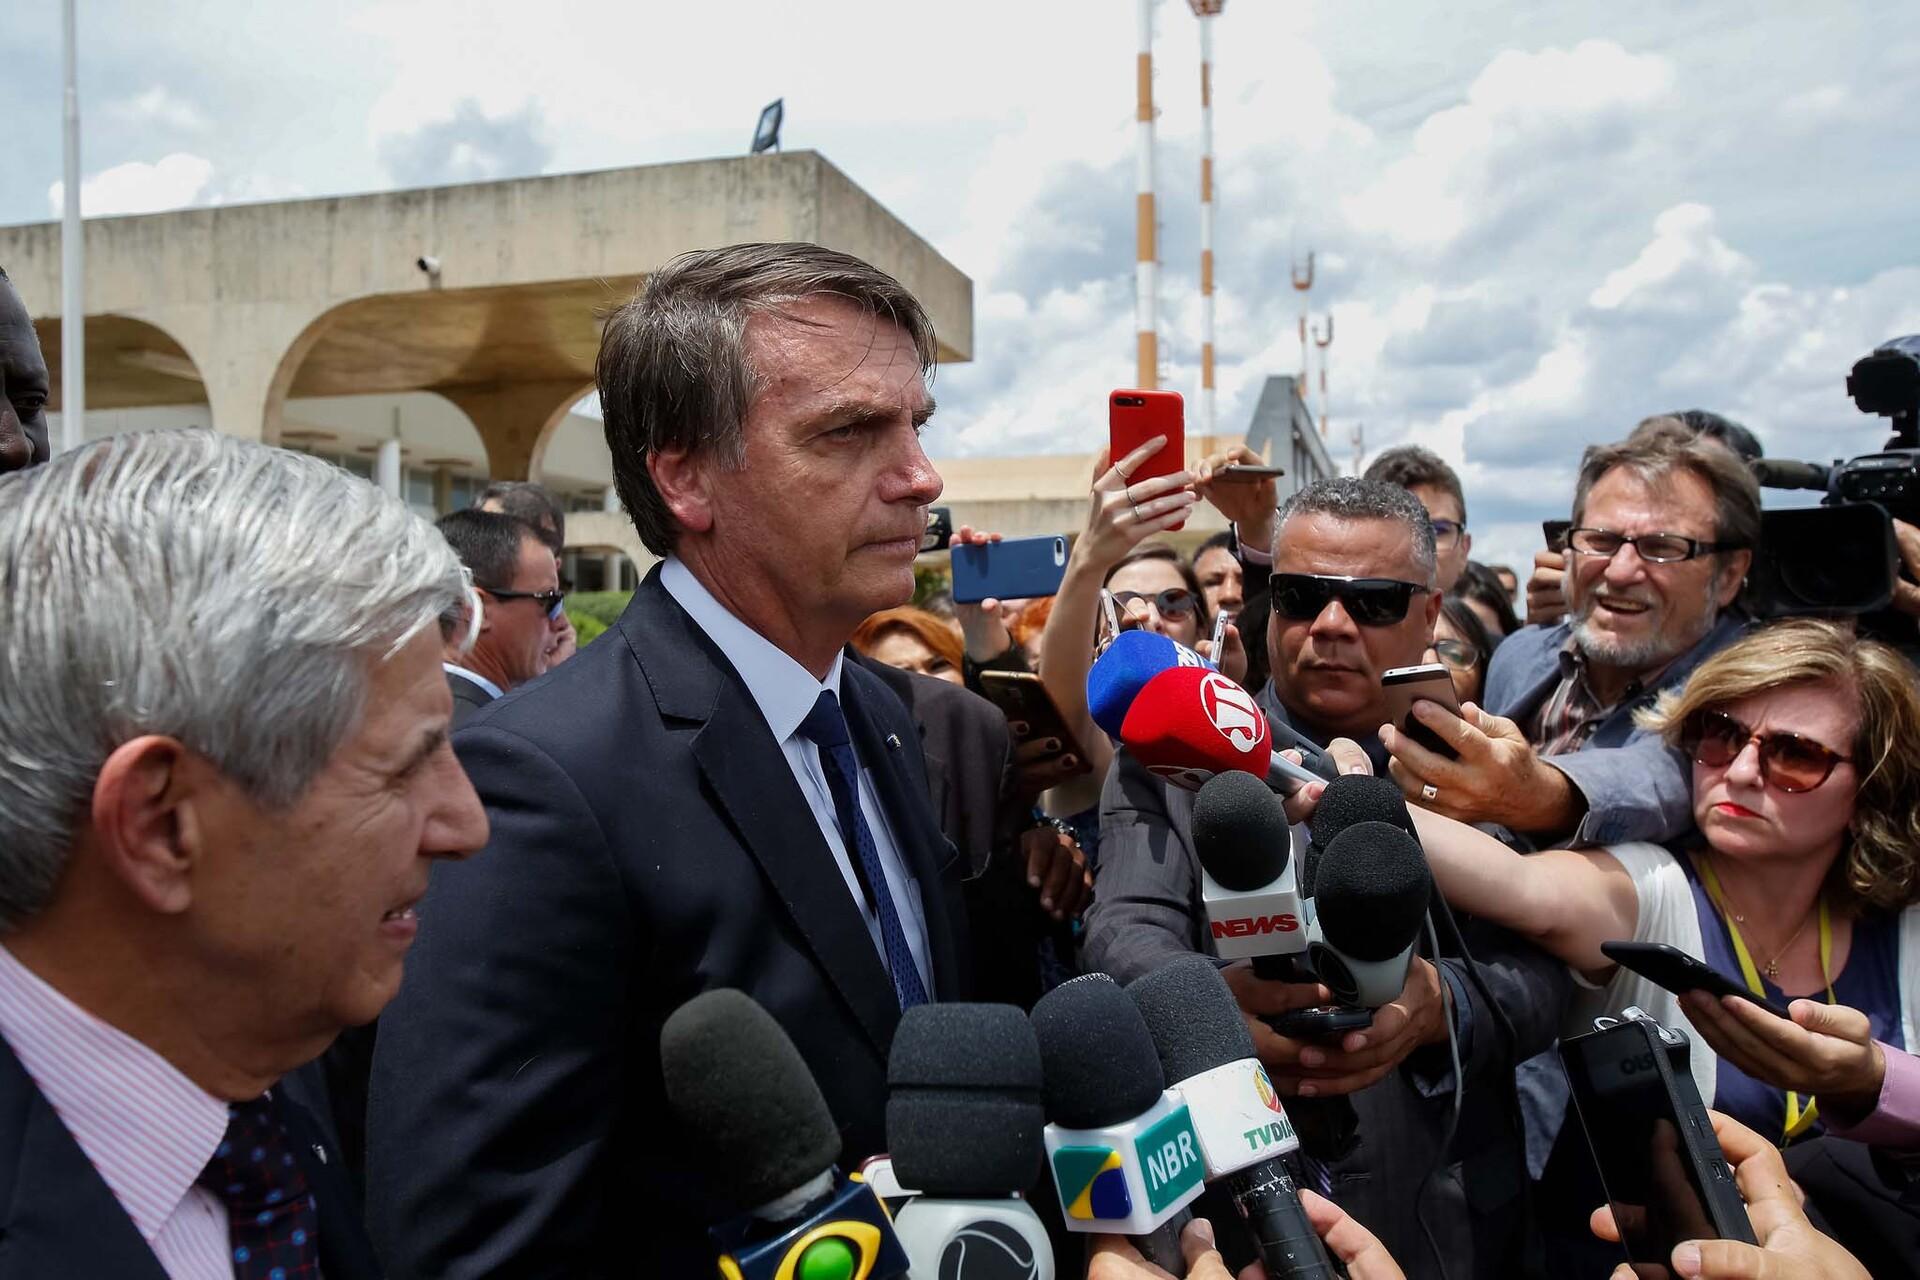 Ex-assessoria de Jair Bolsonaro fazia jornada dupla de trabalho, atuando ao mesmo tempo na política e como personal trainer no Rio de Janeiro.